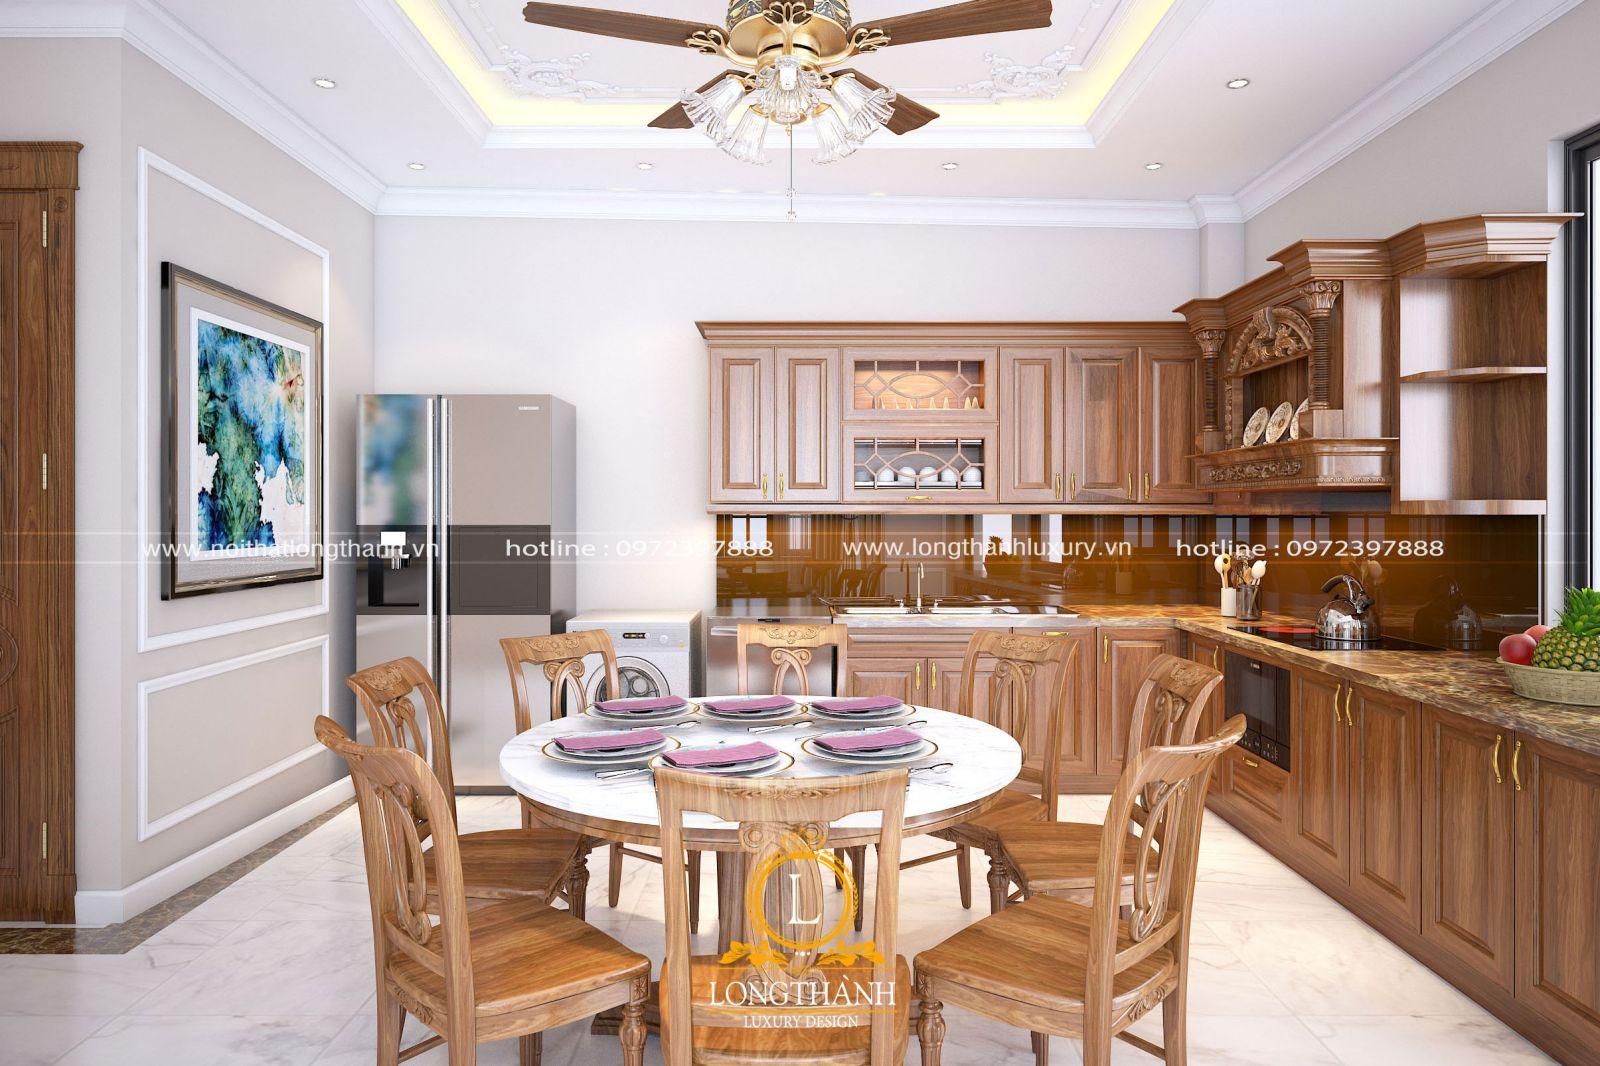 Không gian phòng bếp góc nhìn tổng thể